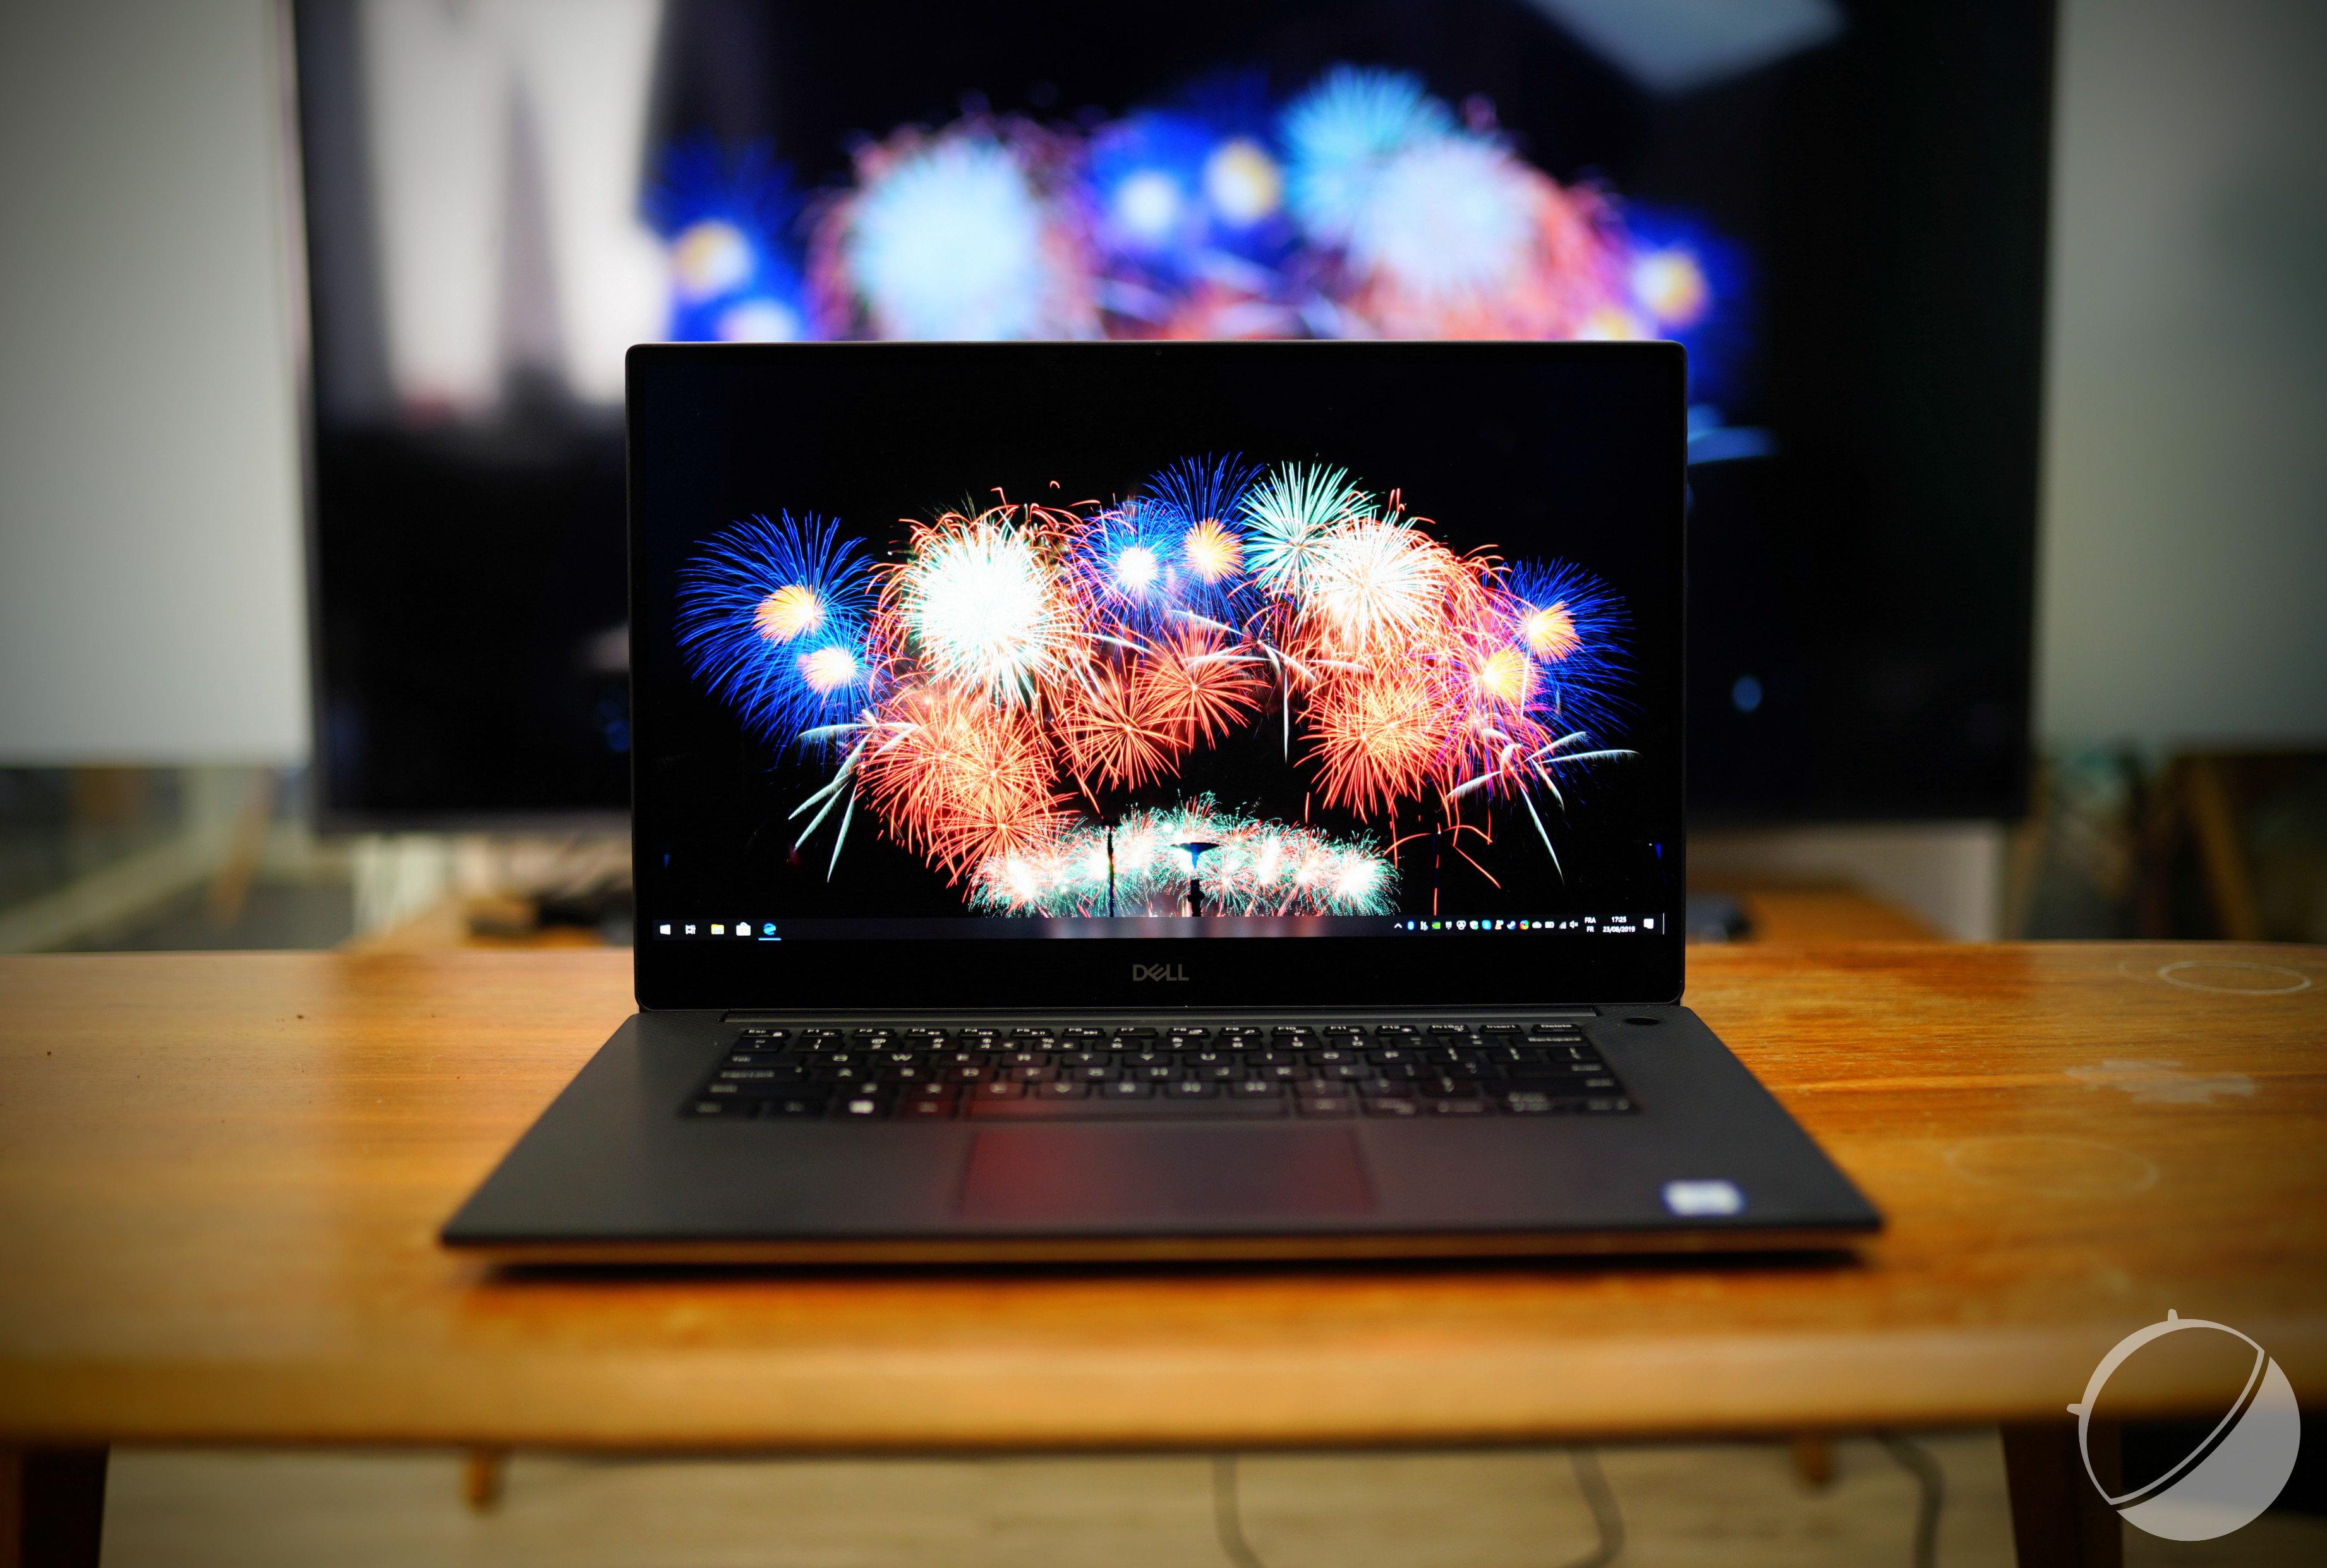 Le Dell XPS 15 intègre un écran OLED